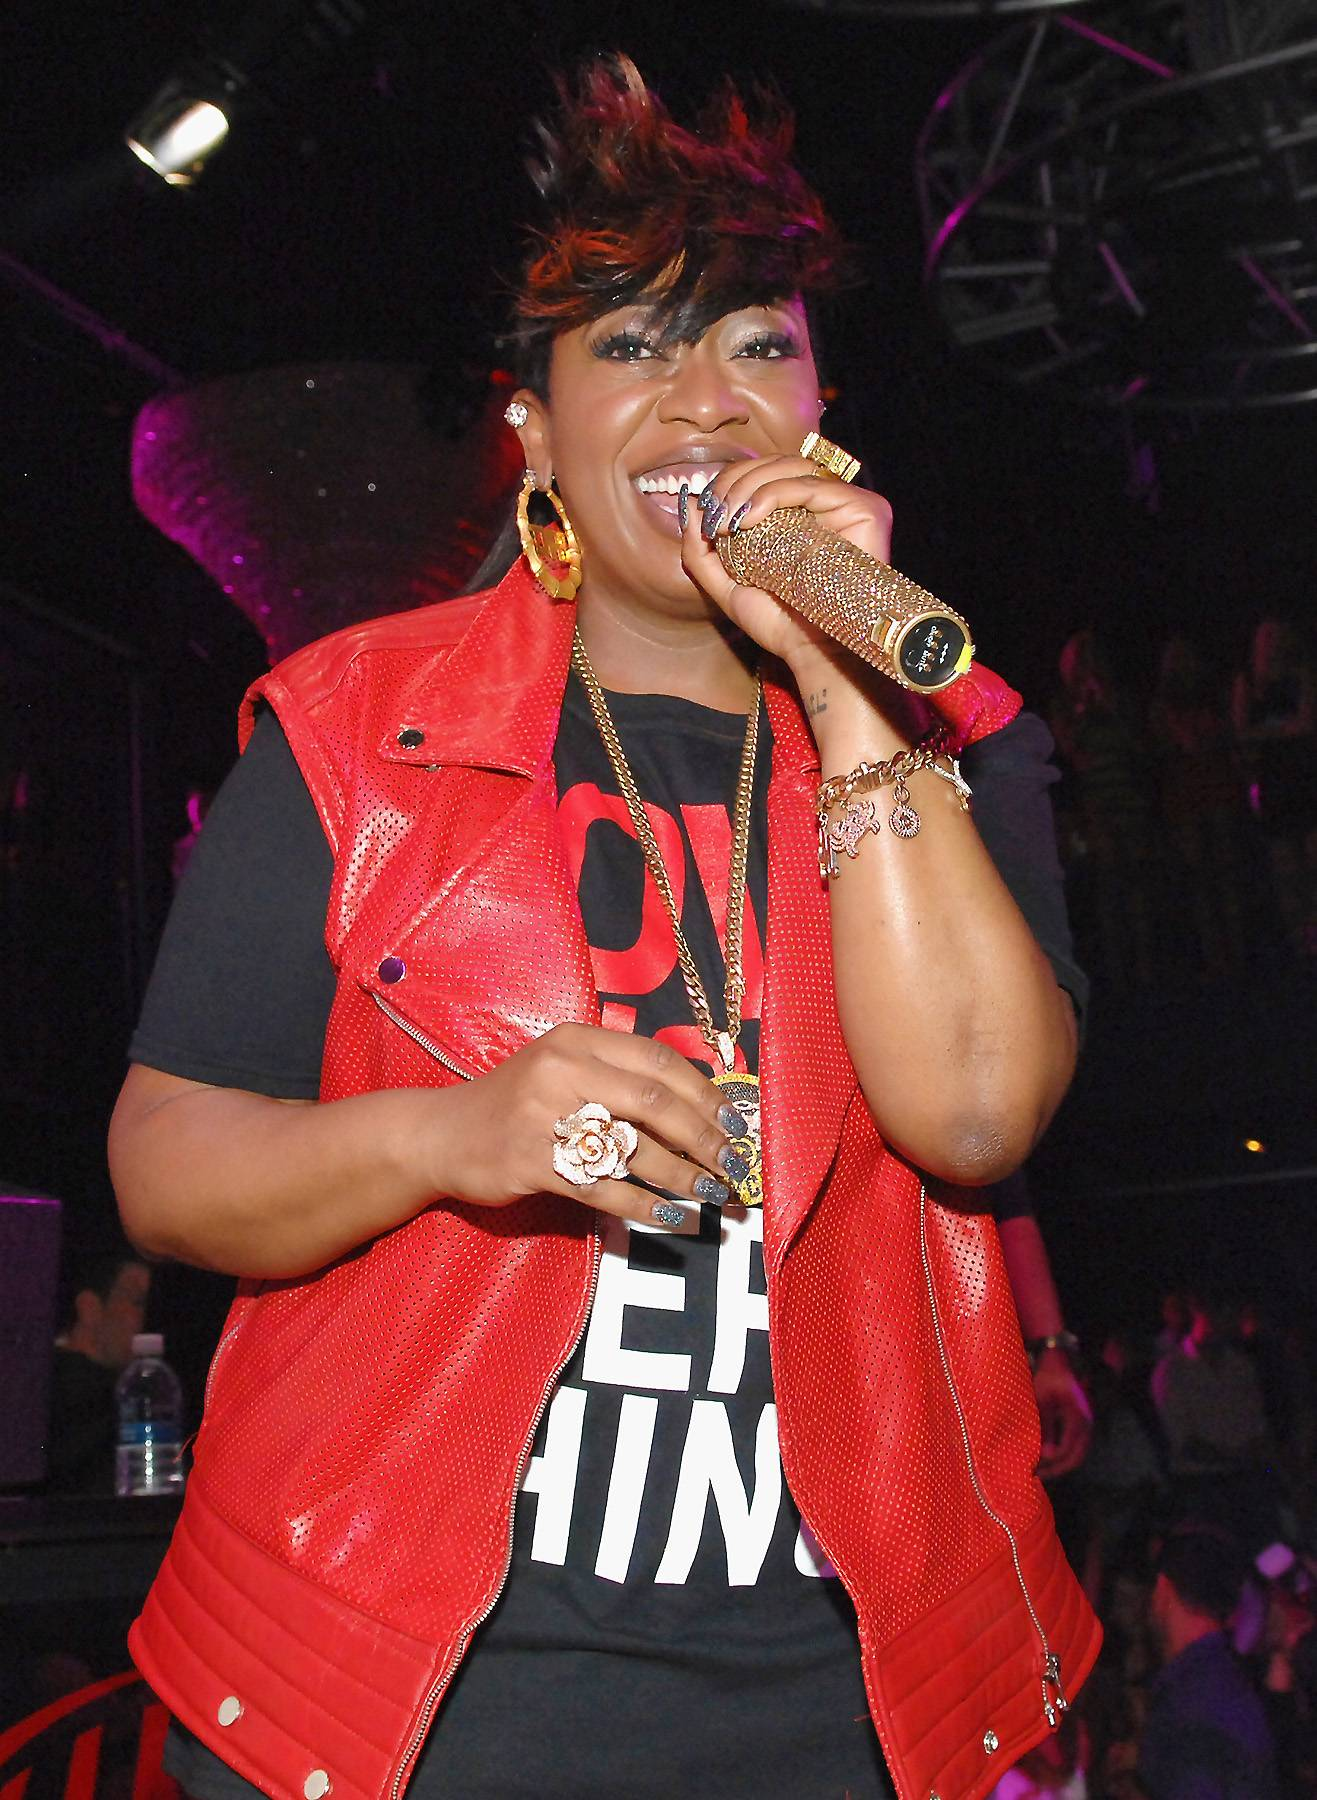 Missy Elliott - (Photo: Bryan Steffy/WireImage)